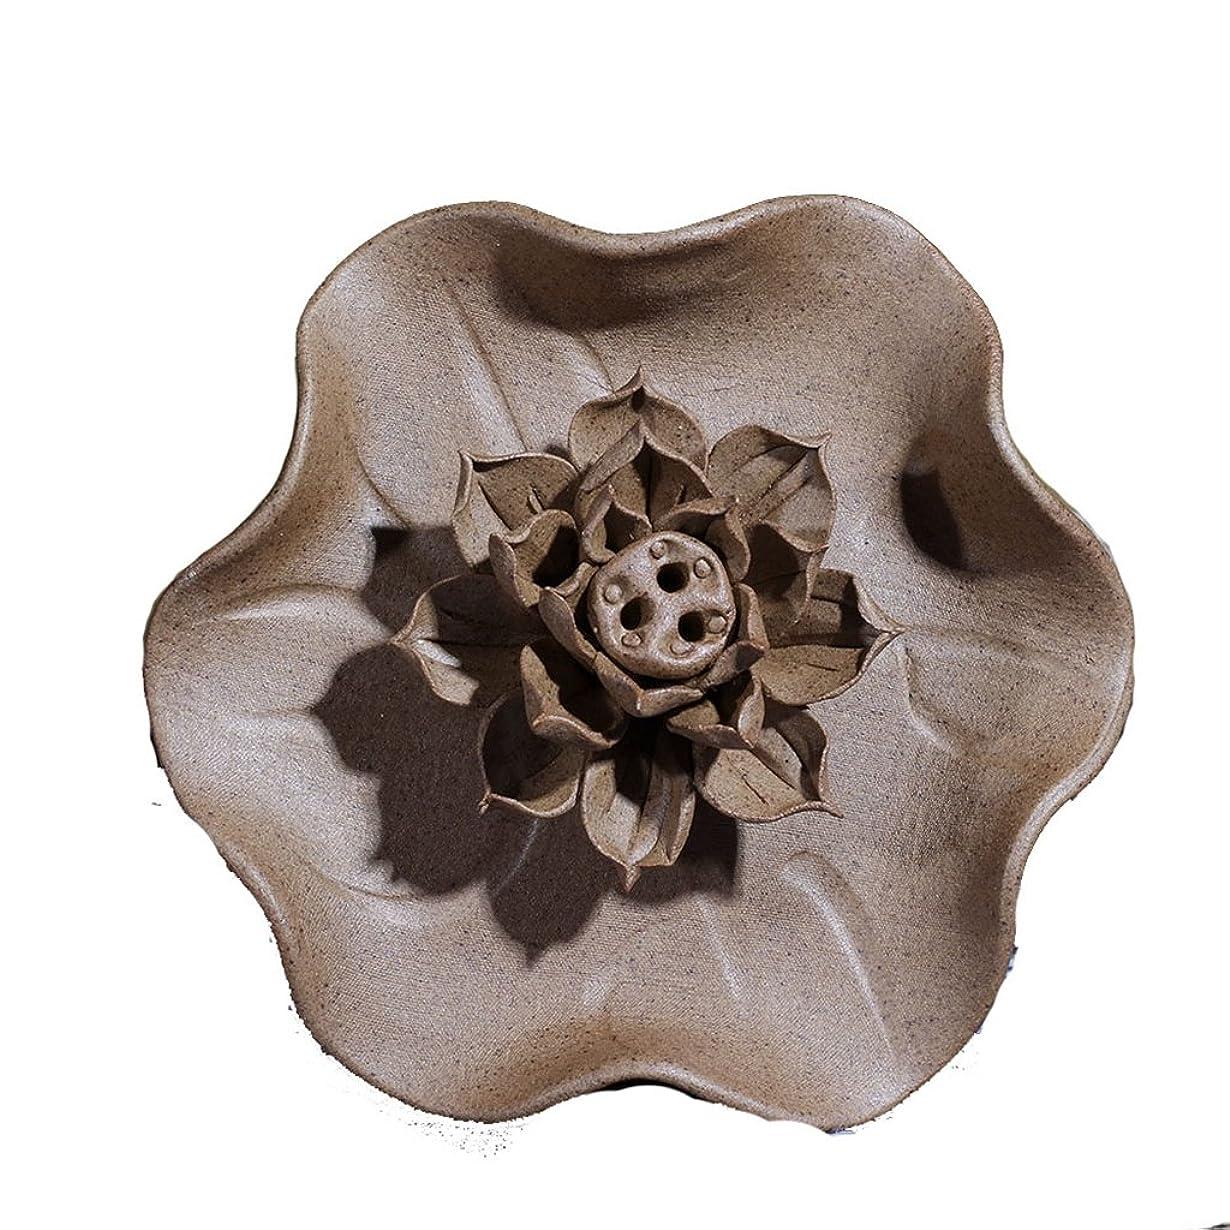 ペルー侵入する起きる(ラシューバー) Lasuiveur 香炉 線香立て 香立て 職人さんの手作り 茶道用品 おしゃれ  木製 透かし彫り